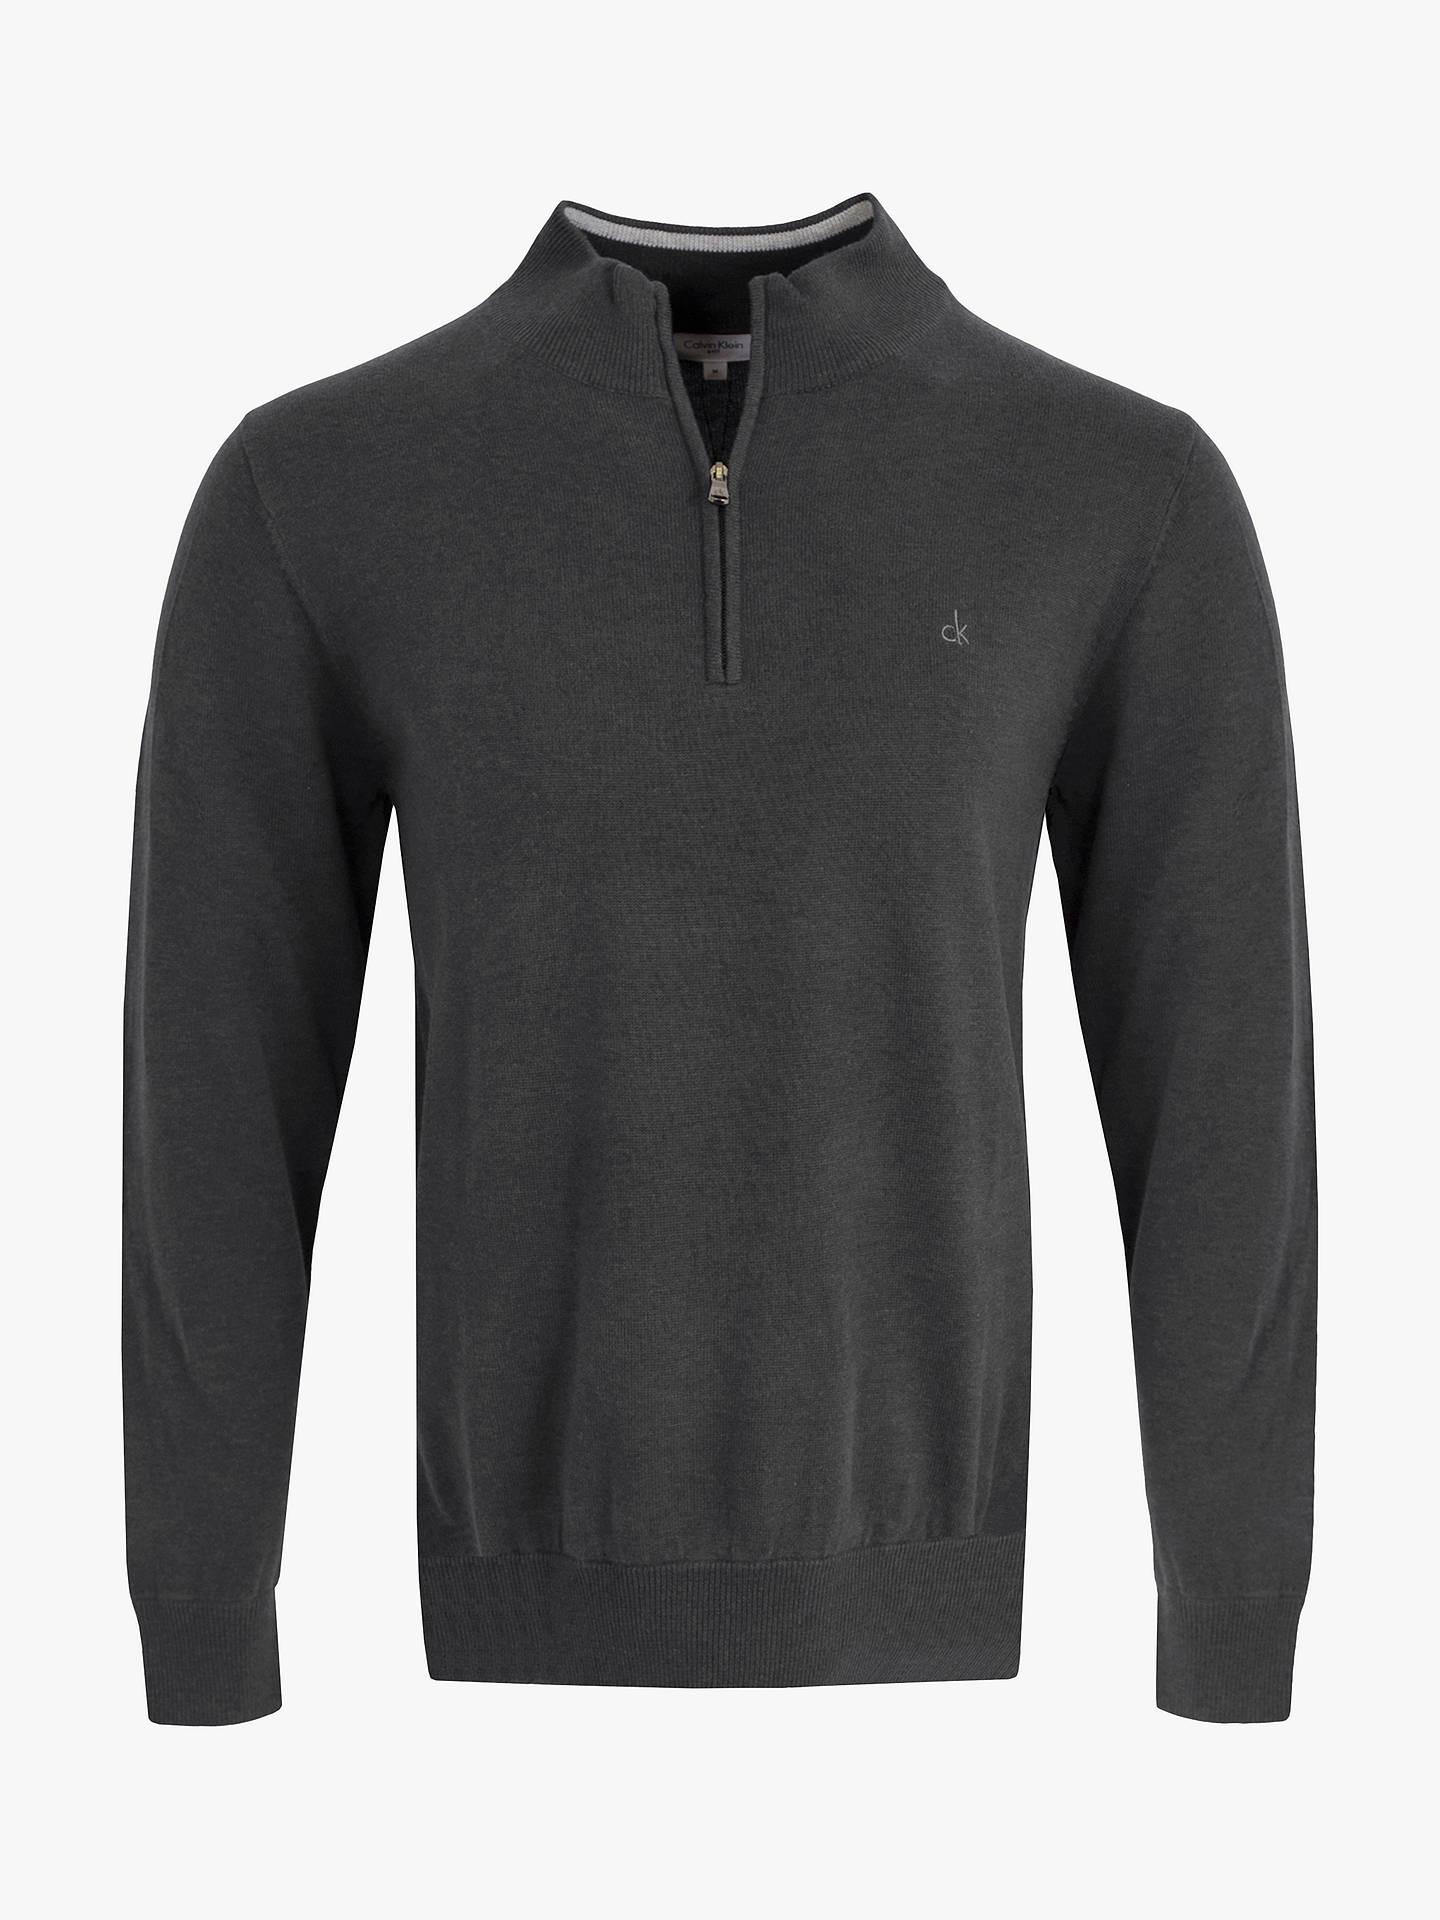 BuyCalvin Klein Golf Heather Half-Zip Sweatshirt, Charcoal, S Online at johnlewis.